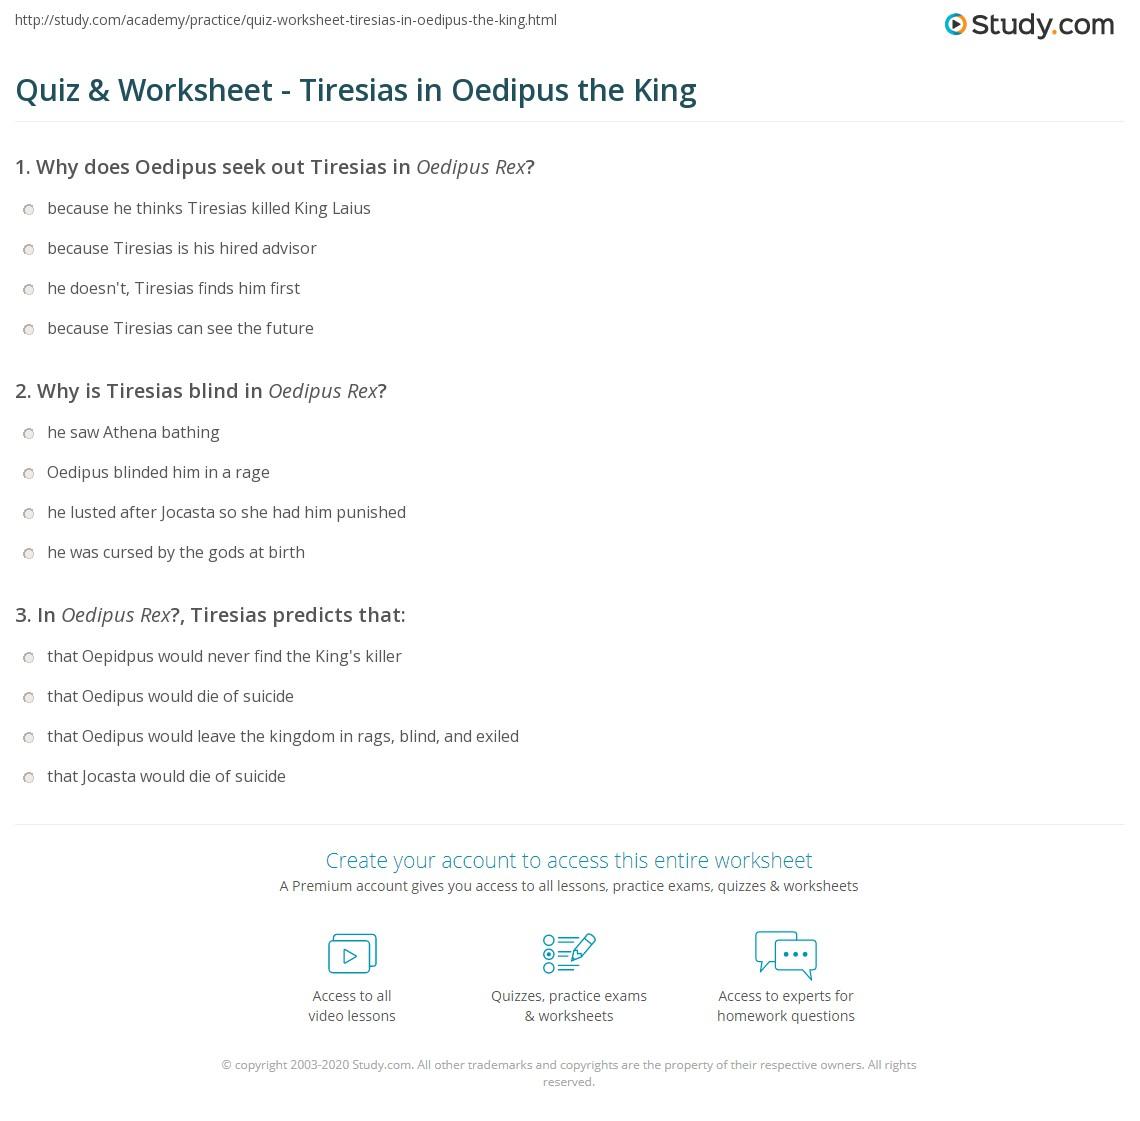 quiz worksheet tiresias in oedipus the king study com rh study com Oedipus and Teiresias Oedipus Rex